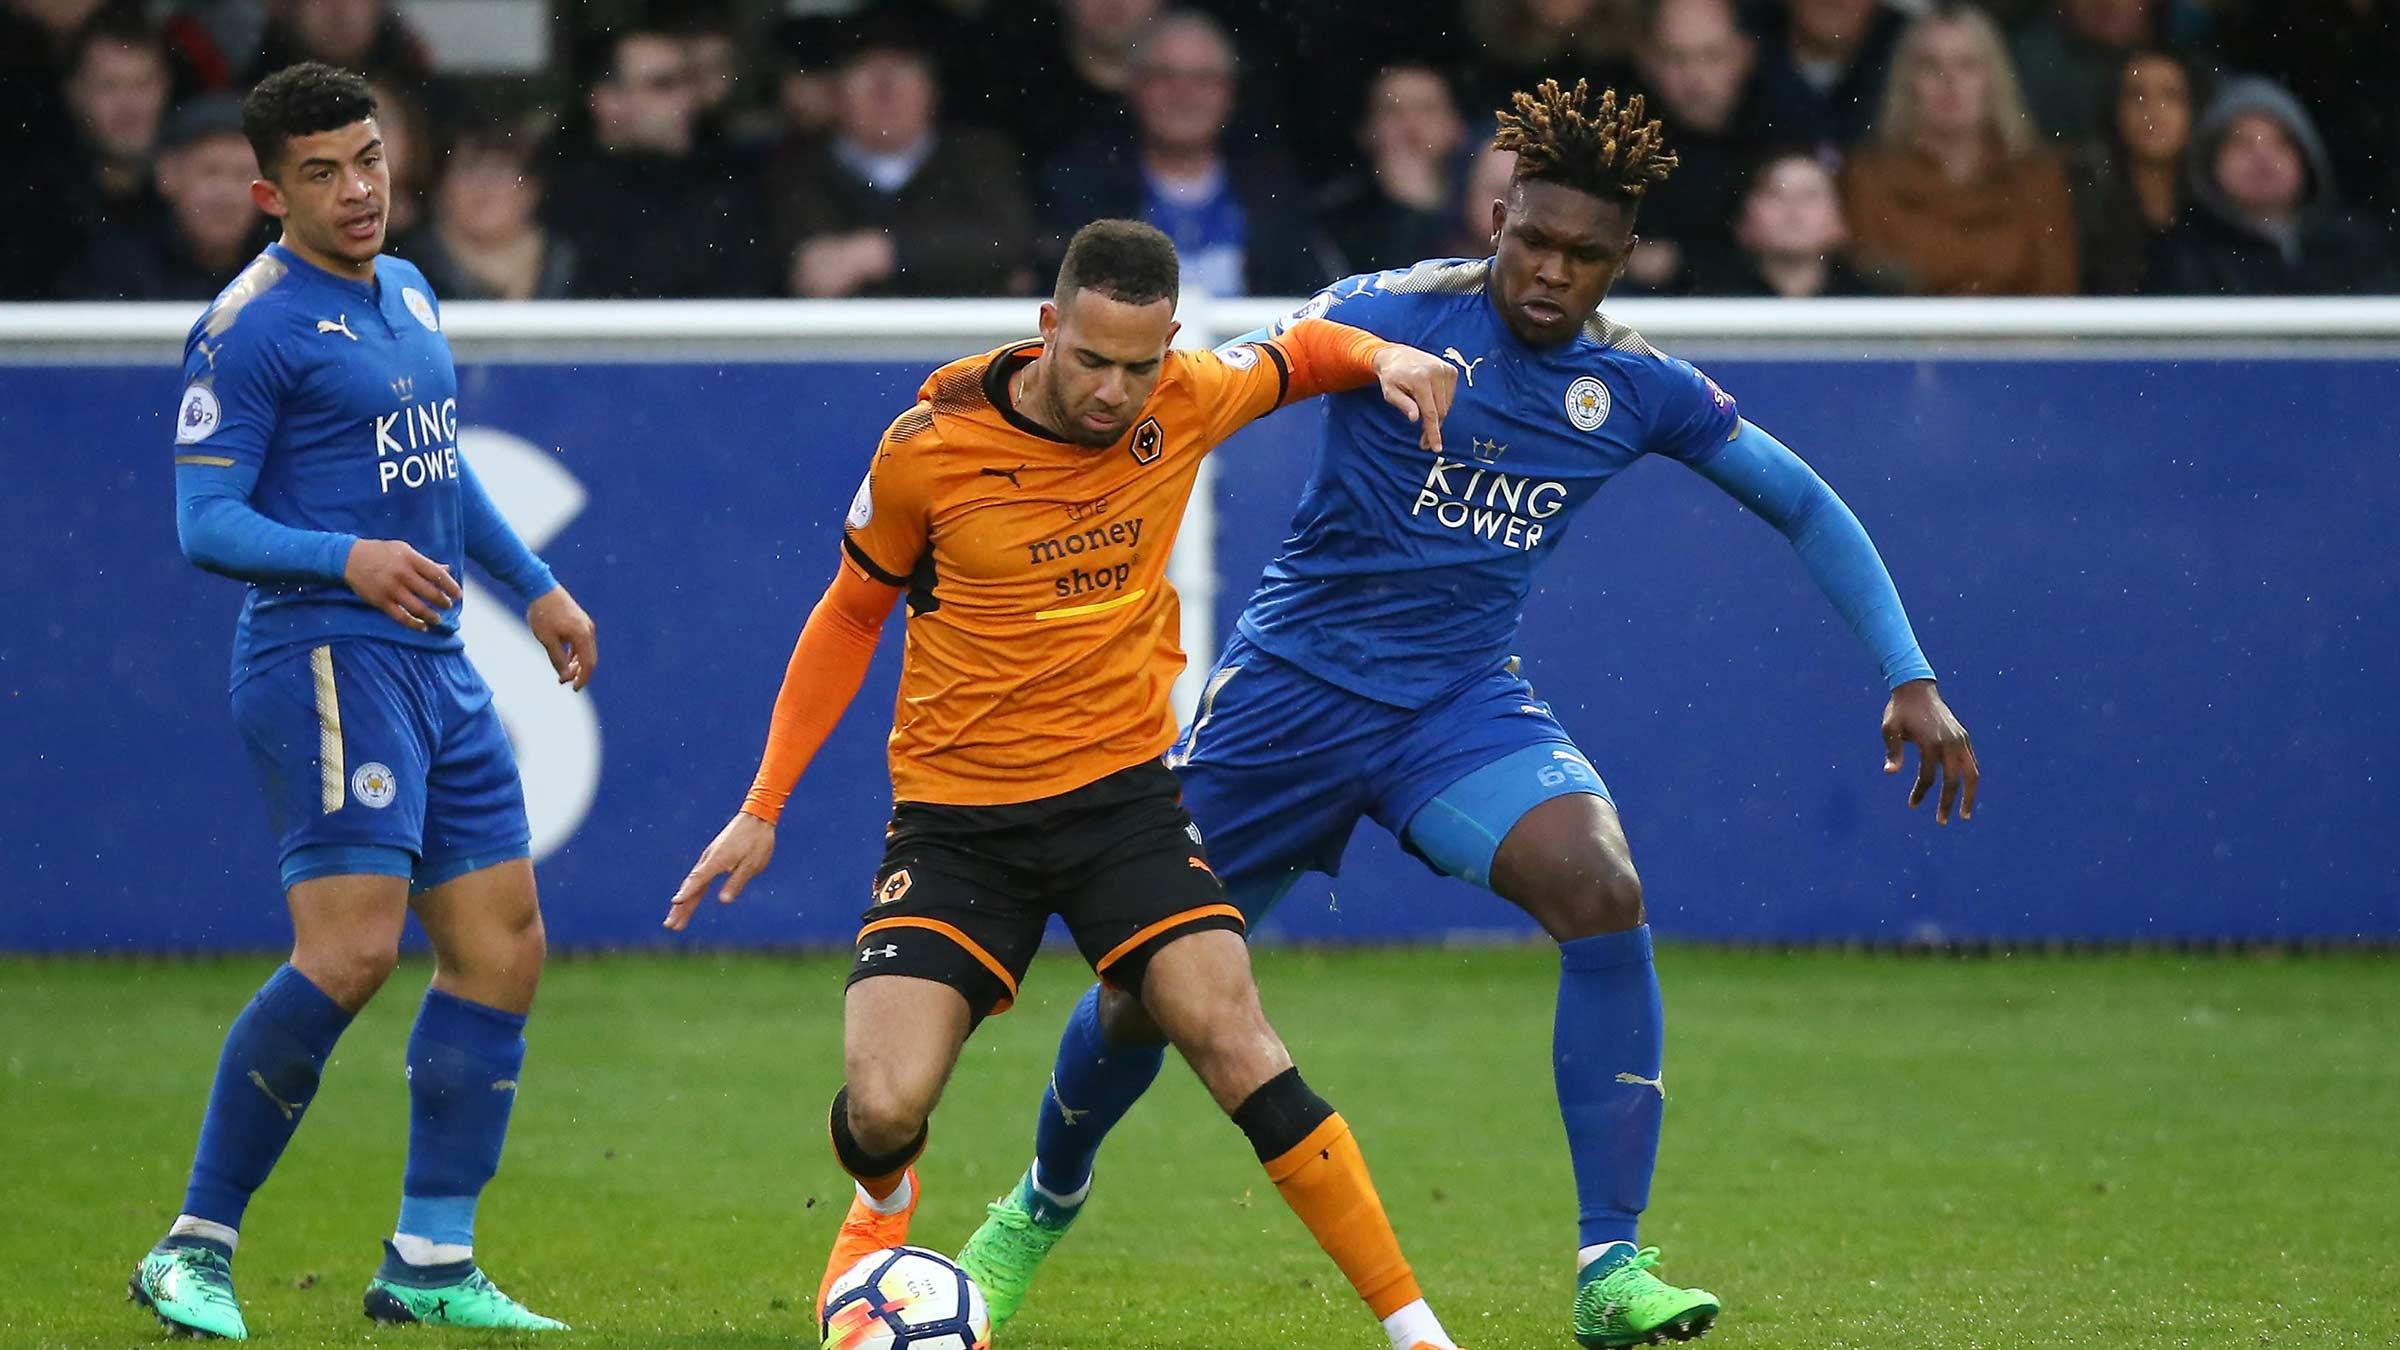 Prediksi Wolverhampton Wanderers vs Leicester City 19 Januari 2019